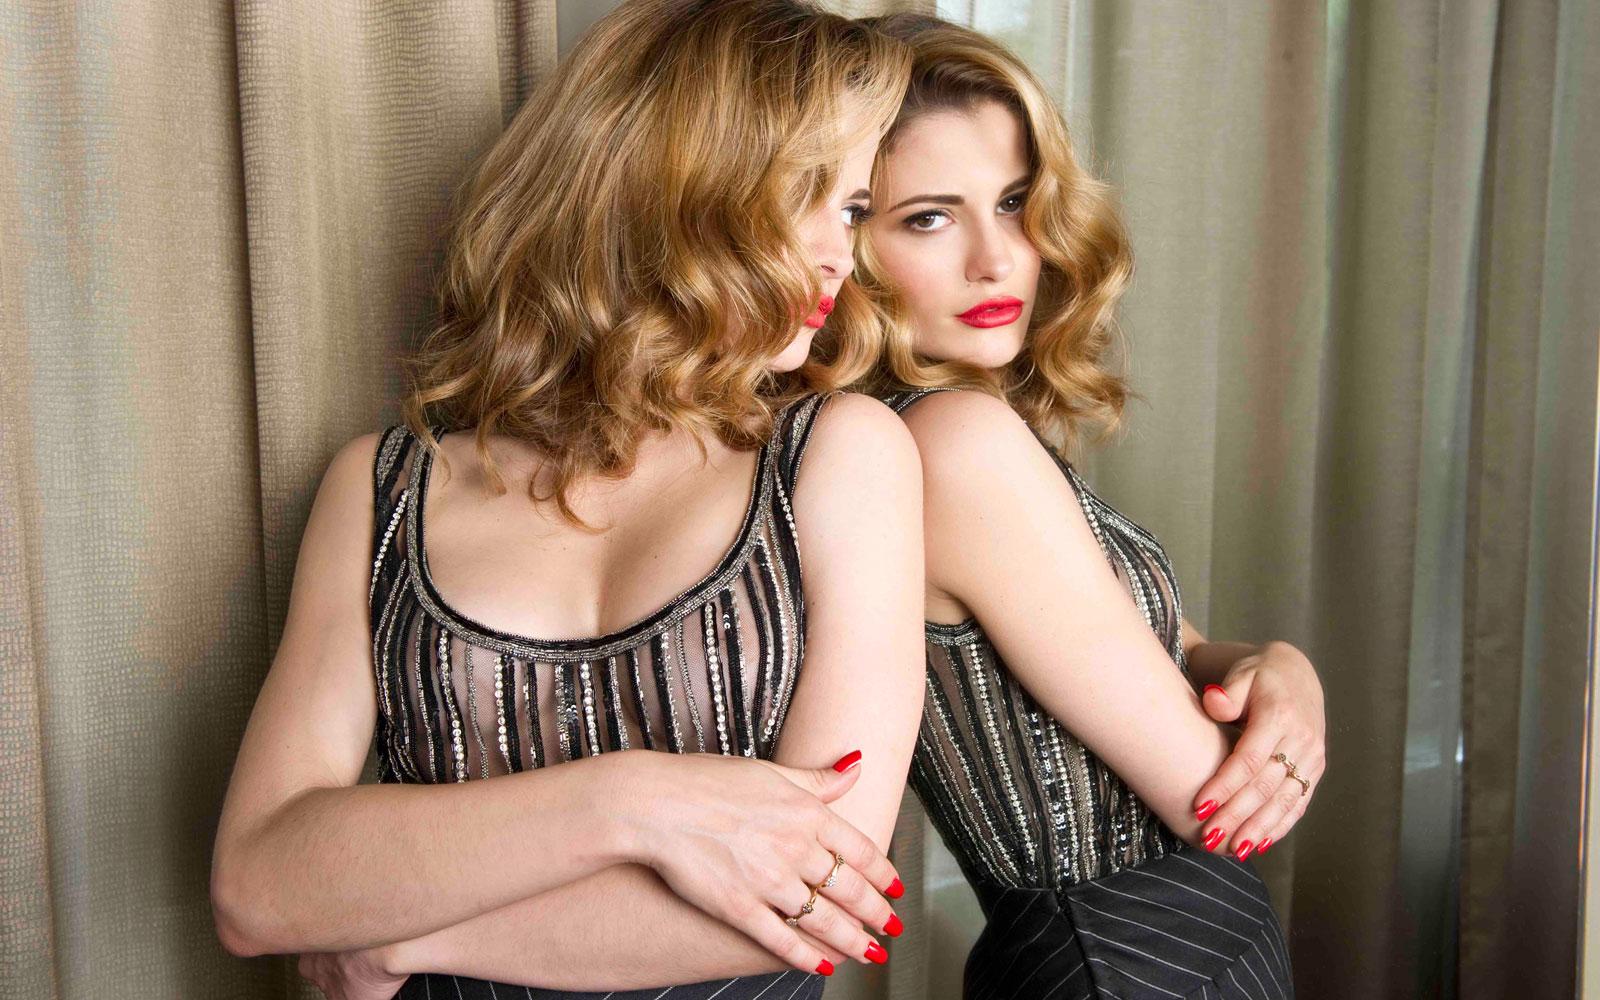 Rossetto e smalto red per un look sexy | Silhouette